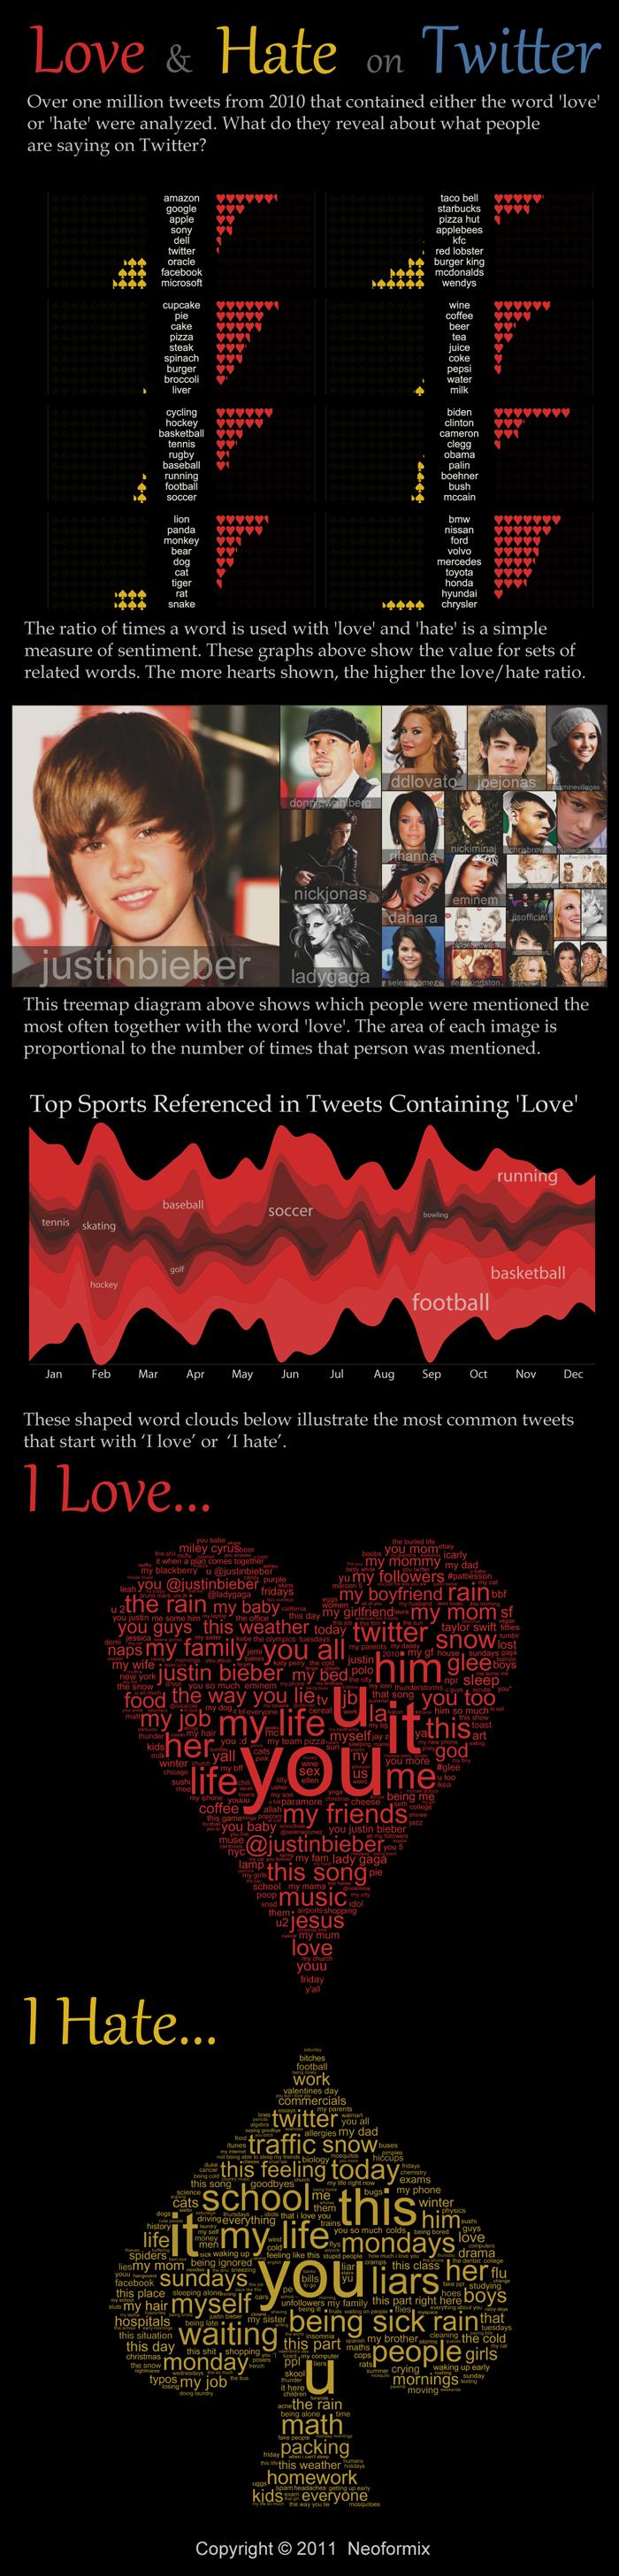 Ce qu'on aime et déteste sur Twitter